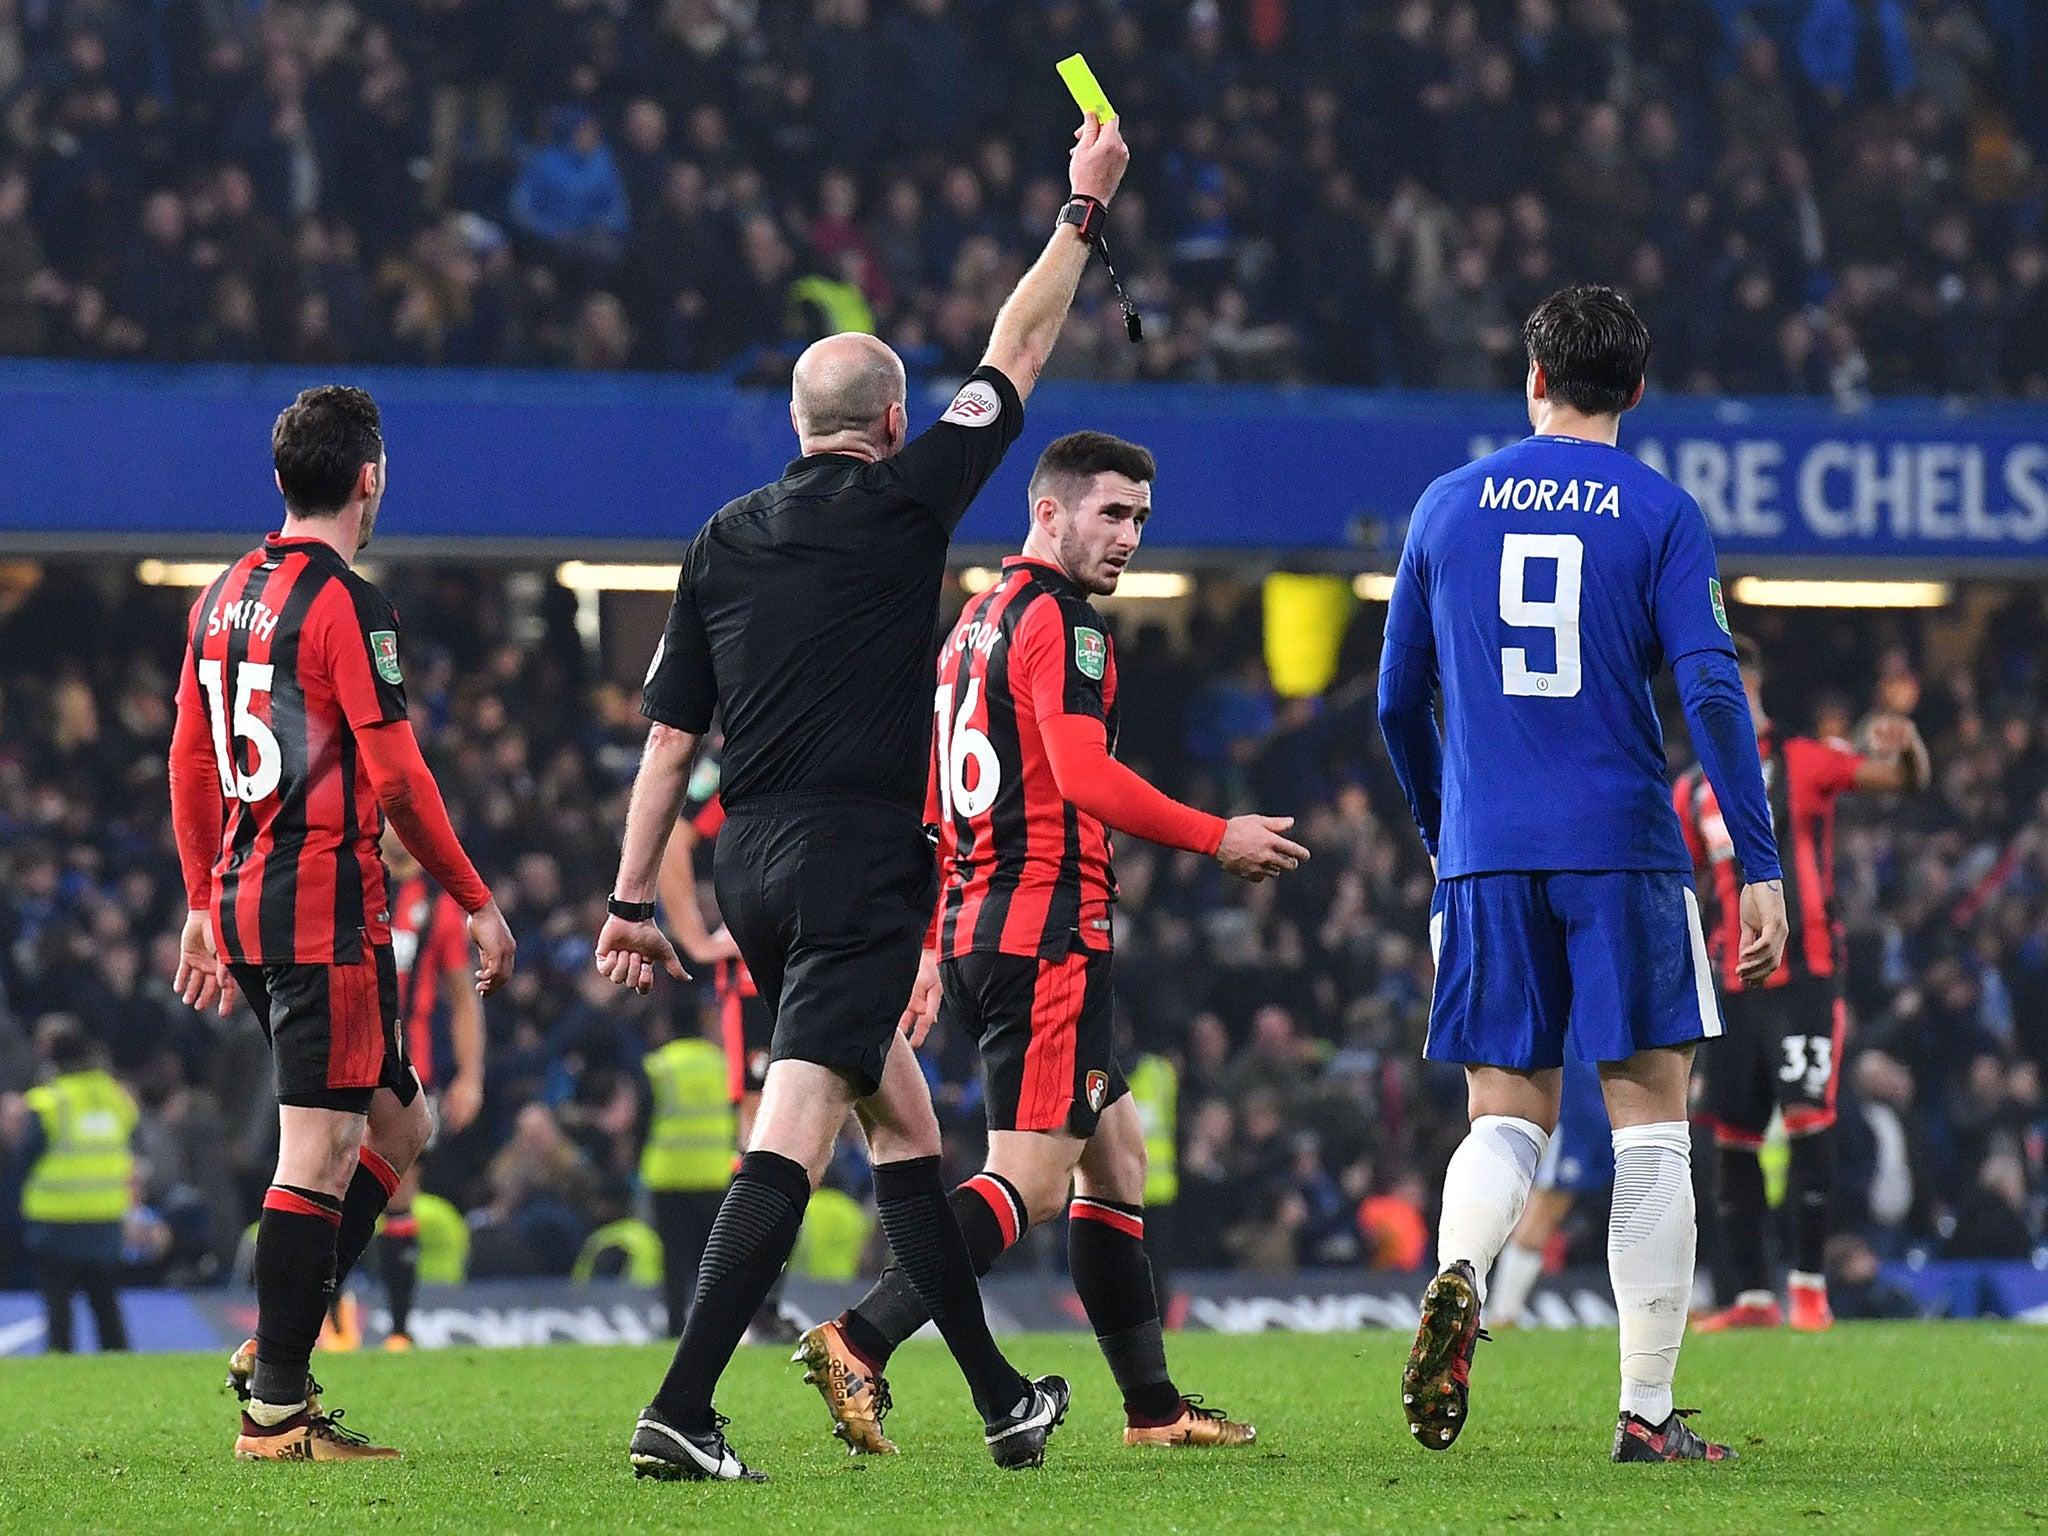 Alvaro Morata suspension for Everton match is a 'big loss,' says Chelsea boss Antonio Conte